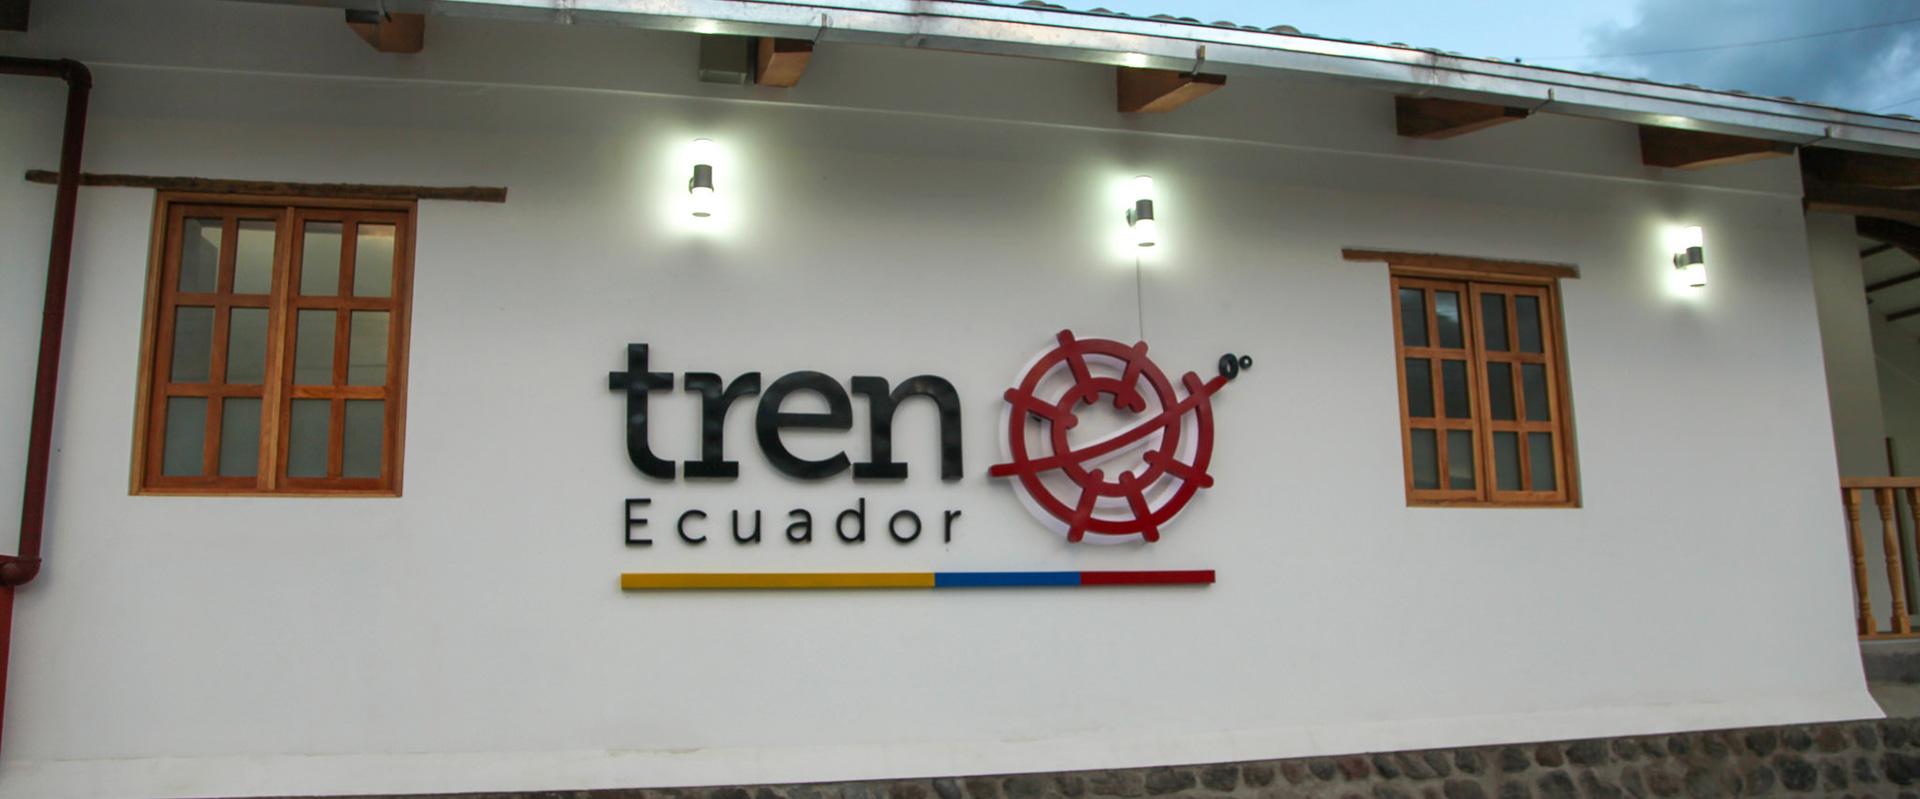 Ecuador Train Station